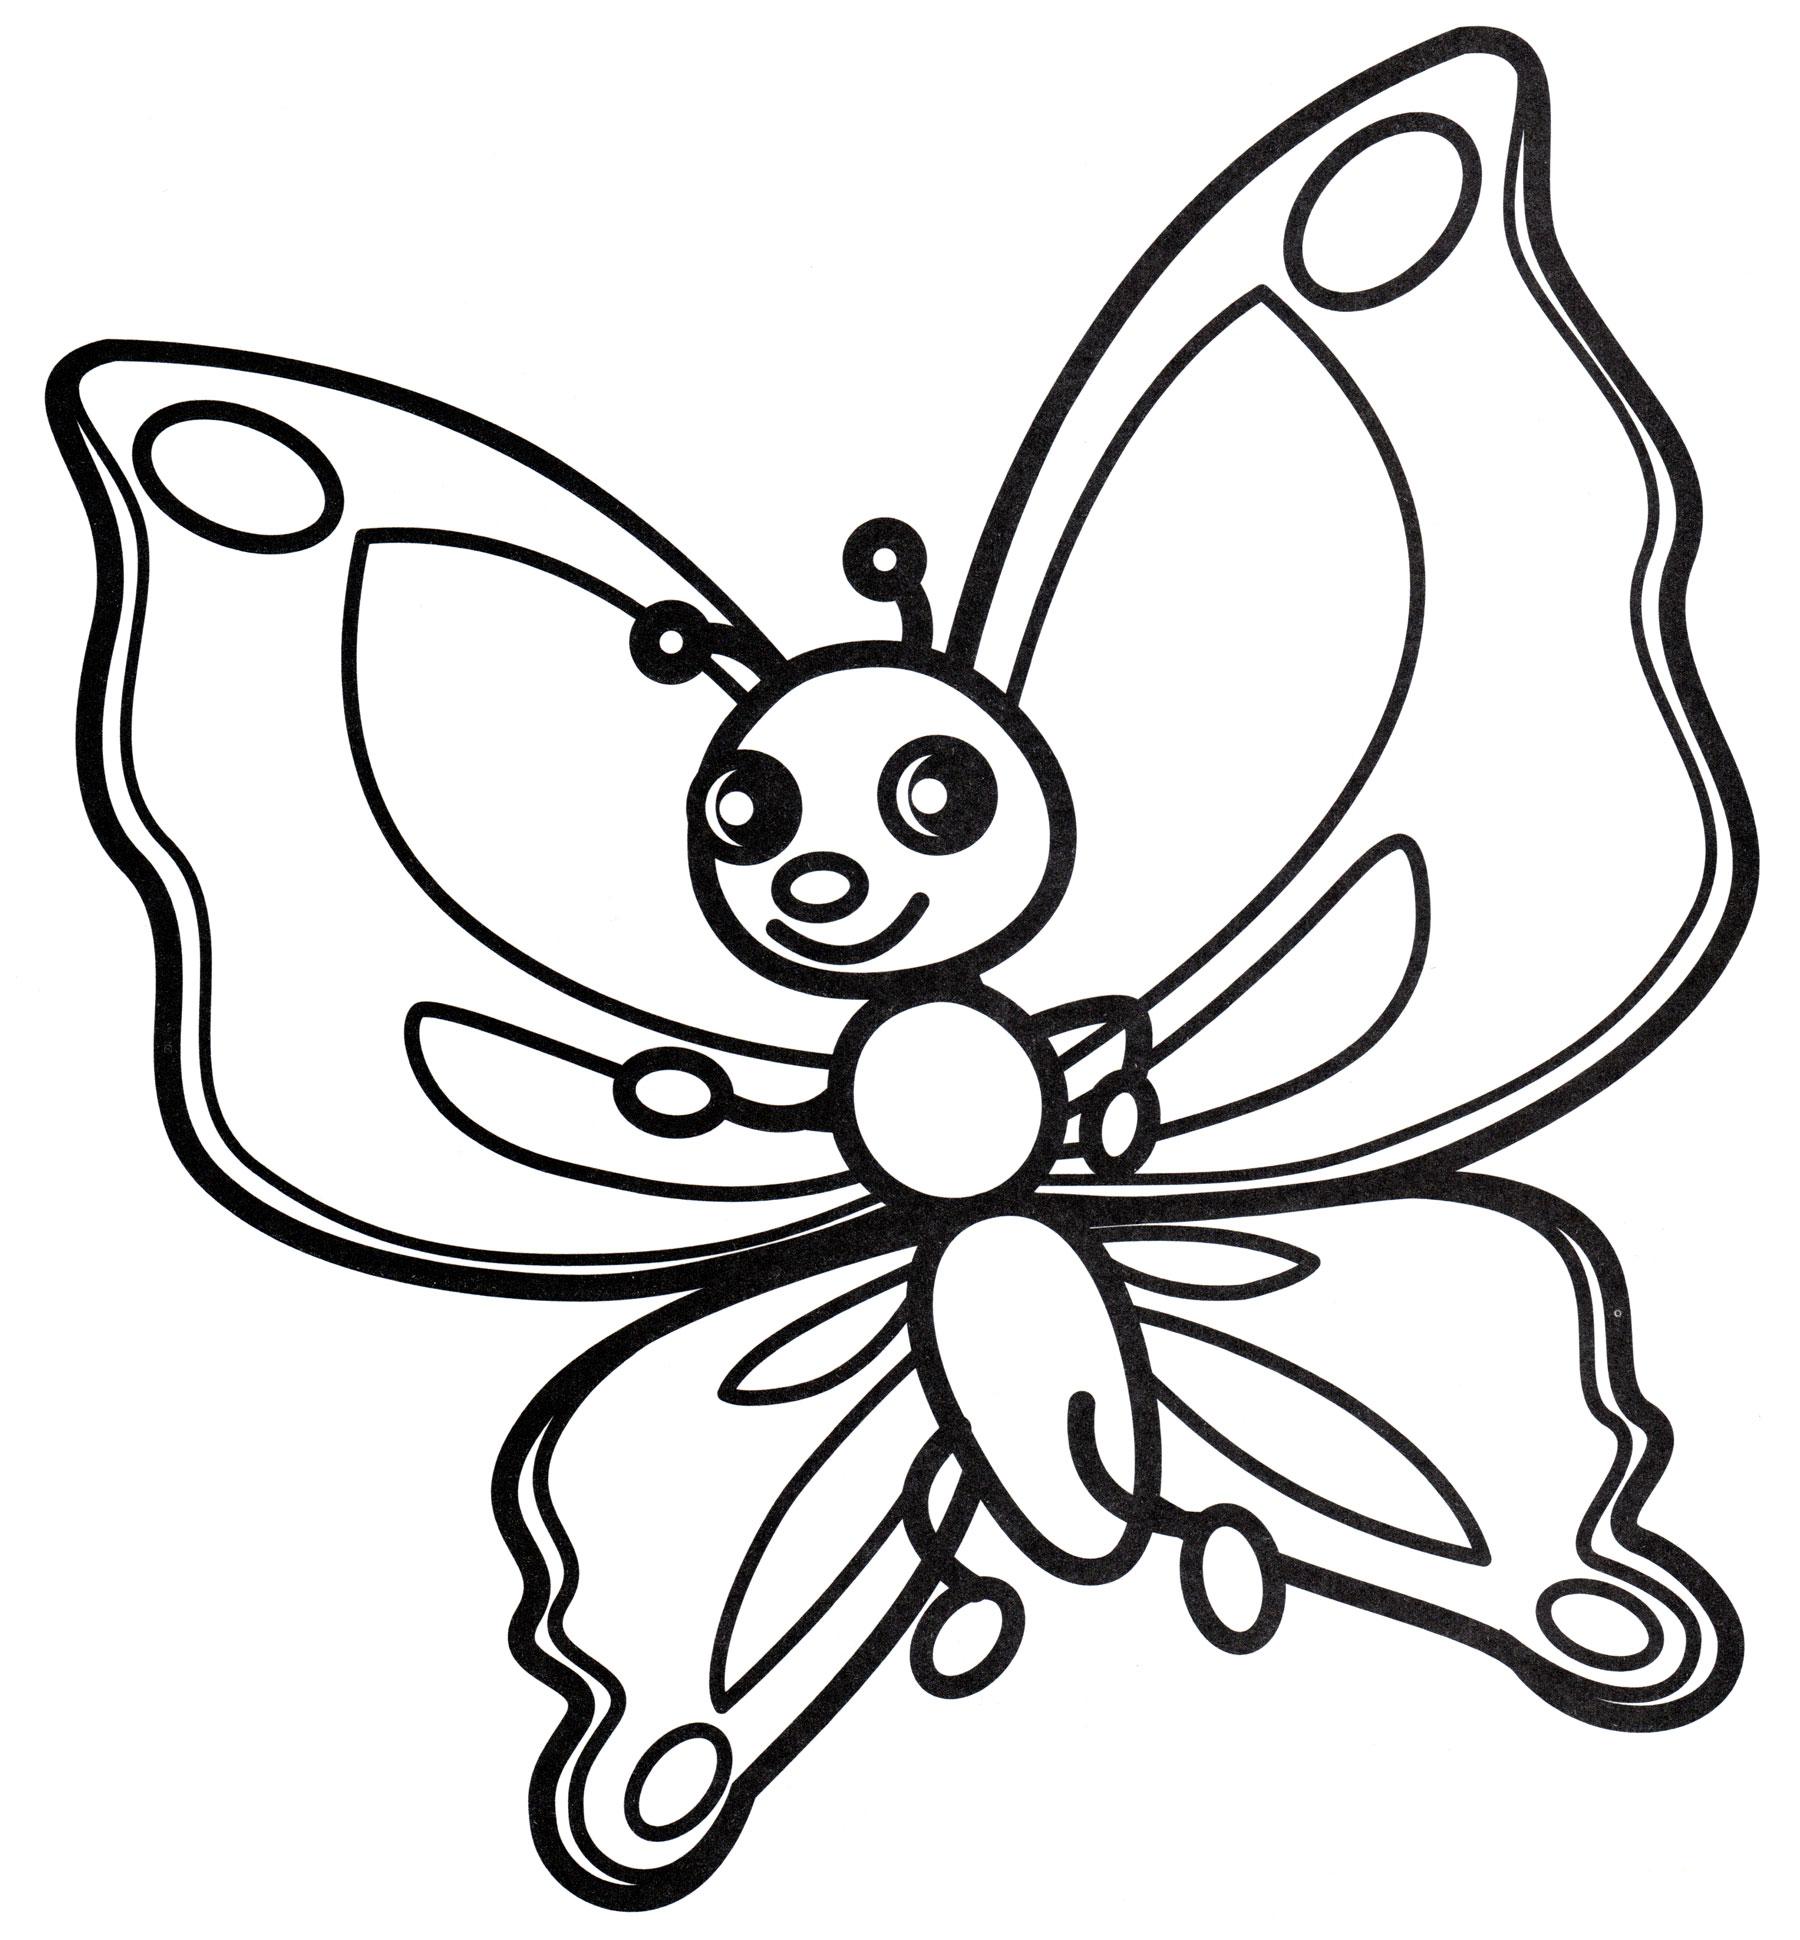 Раскраски картинок бабочек